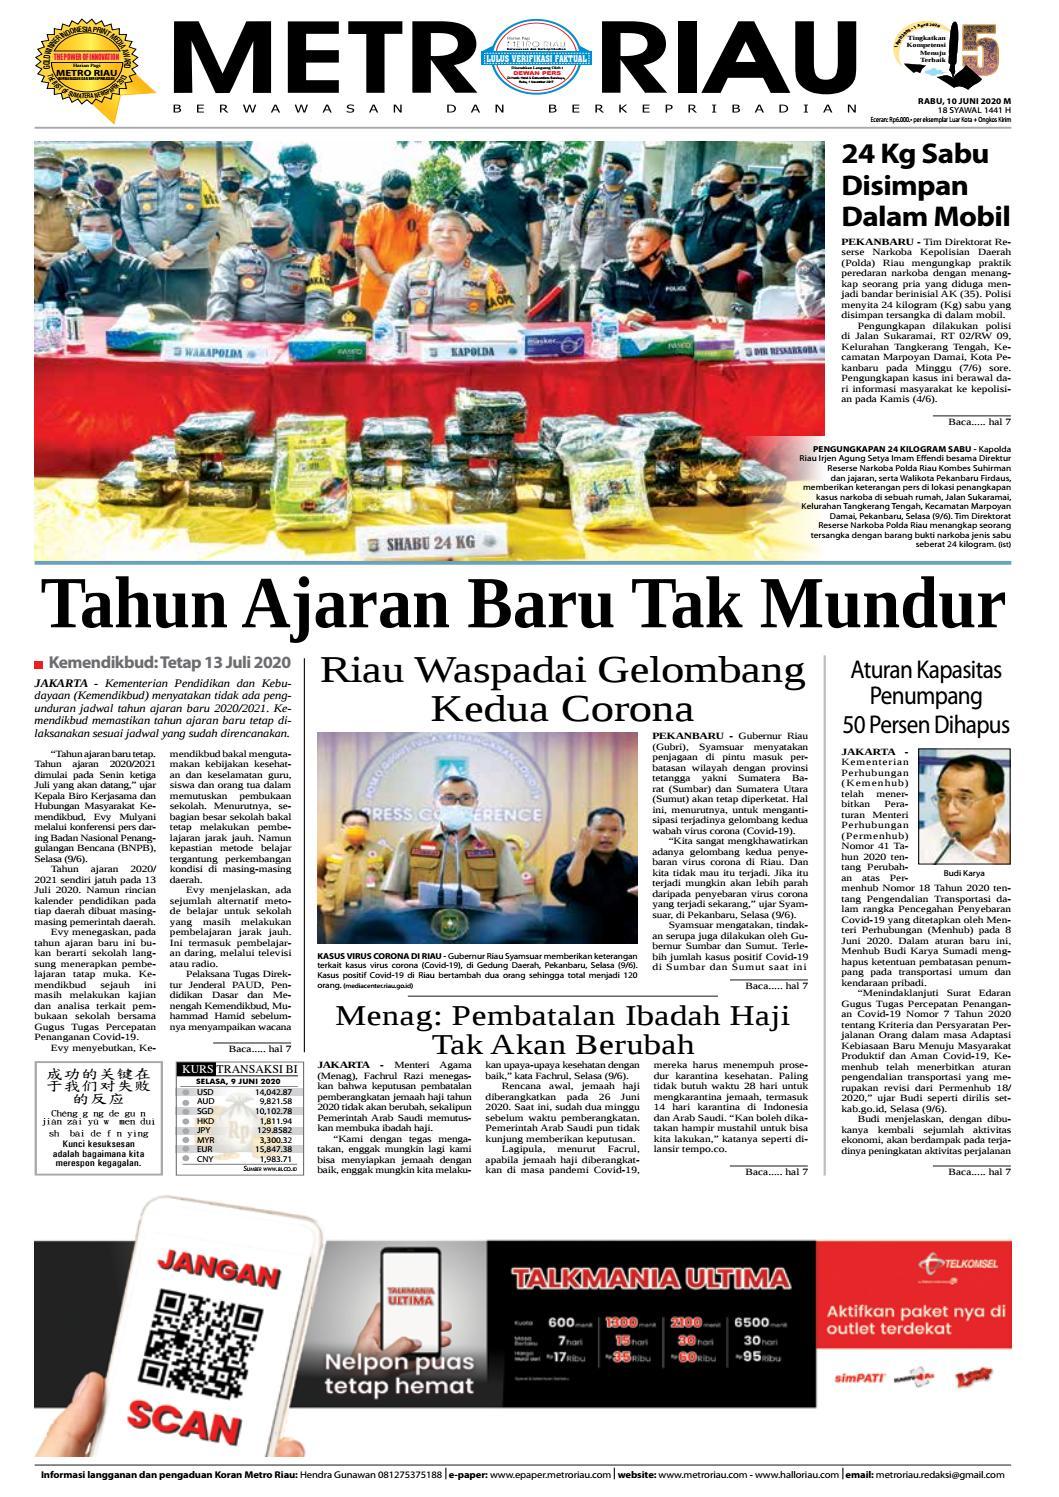 Peristiwa Atau Objek Apakah Yang Nampak Pada Kedua Gambar Diatas Sepeda Dan Motor Metroriau Edisi 10 Juni 2020 By Harian Pagi Metro Riau Issuu